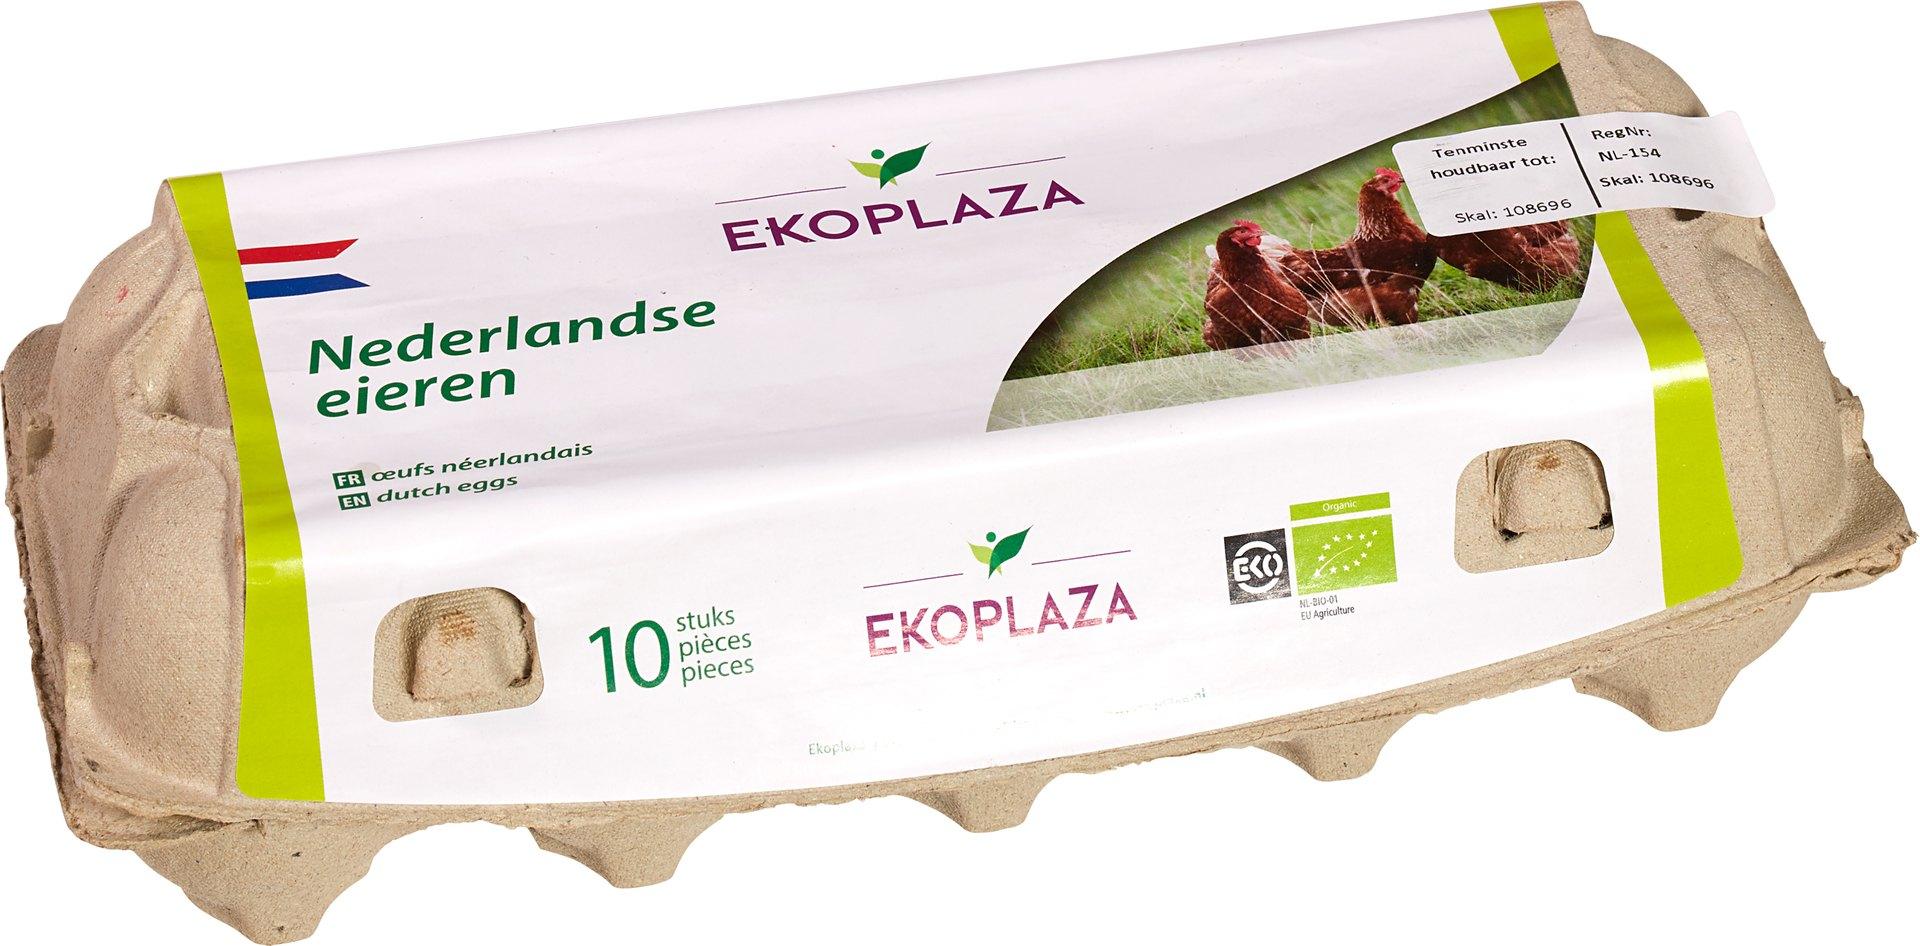 Biologische Ekoplaza Eieren 10 st